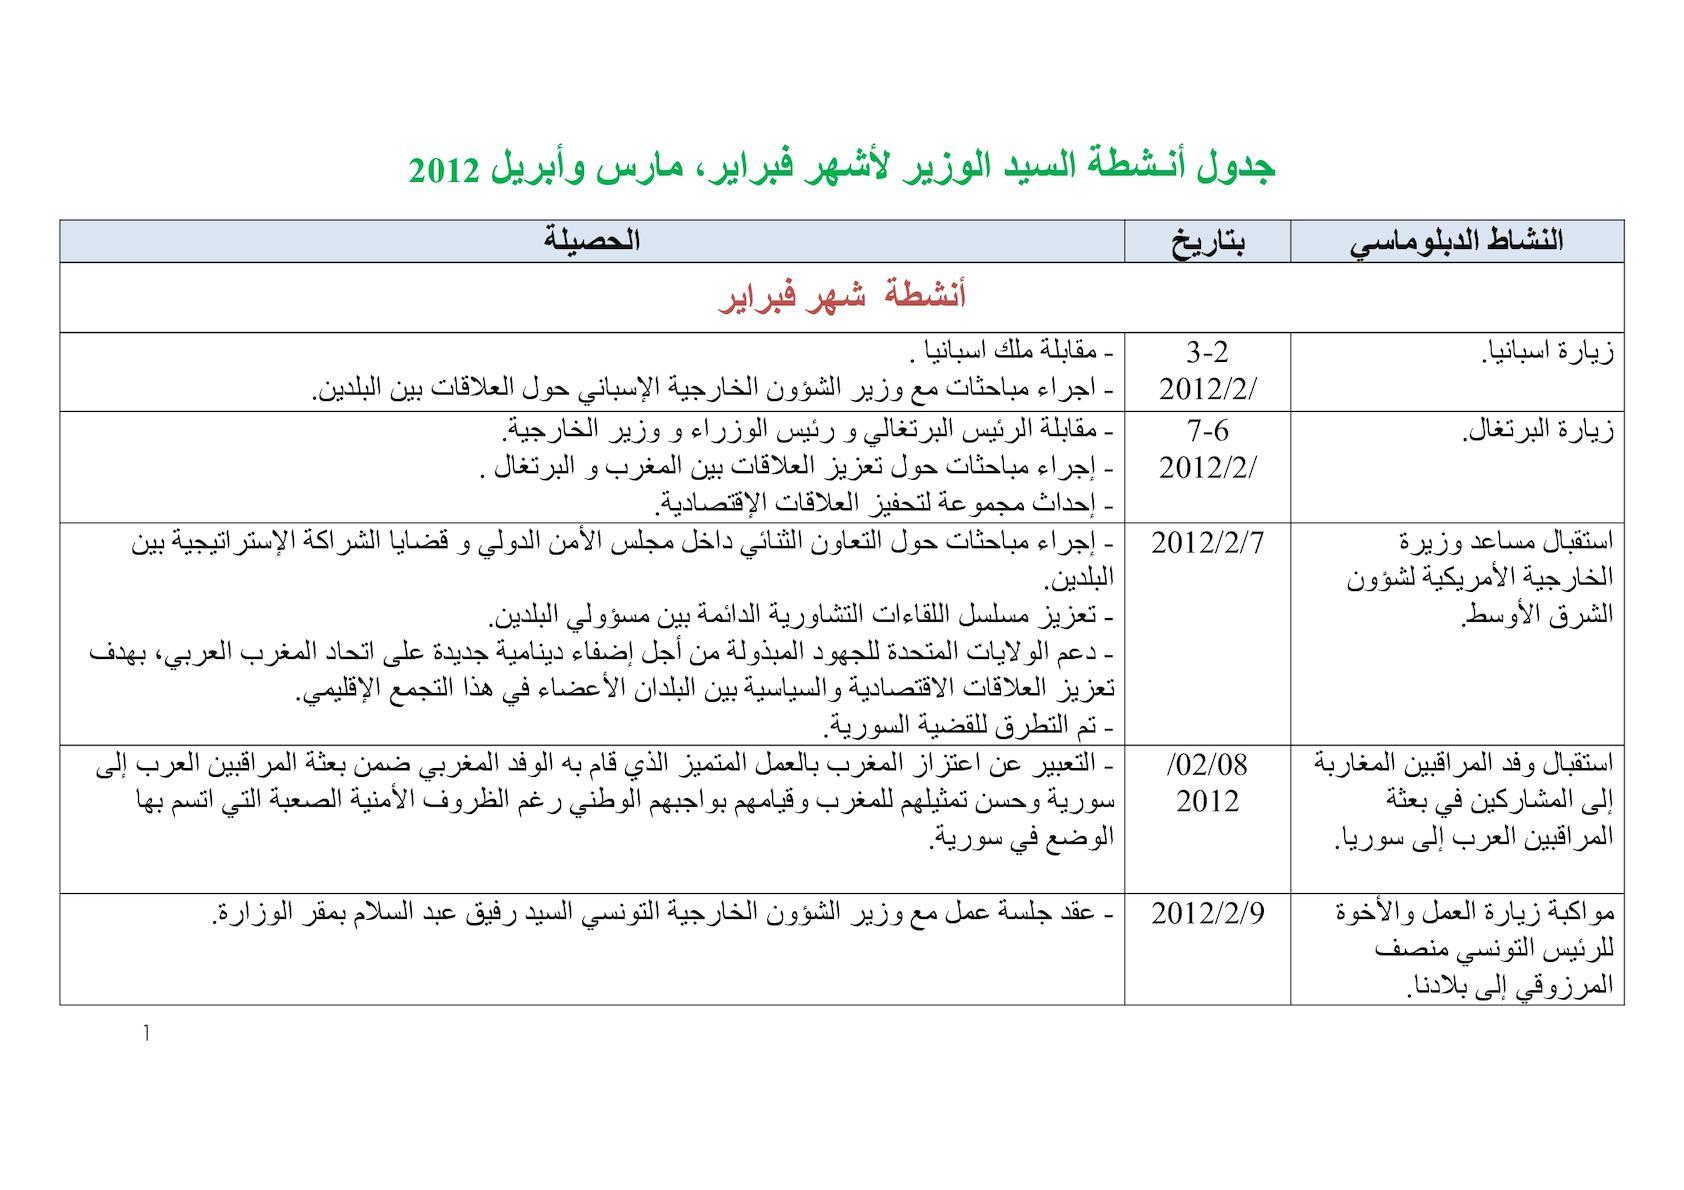 Activités Monsieur Le Ministre 2012 Arabe